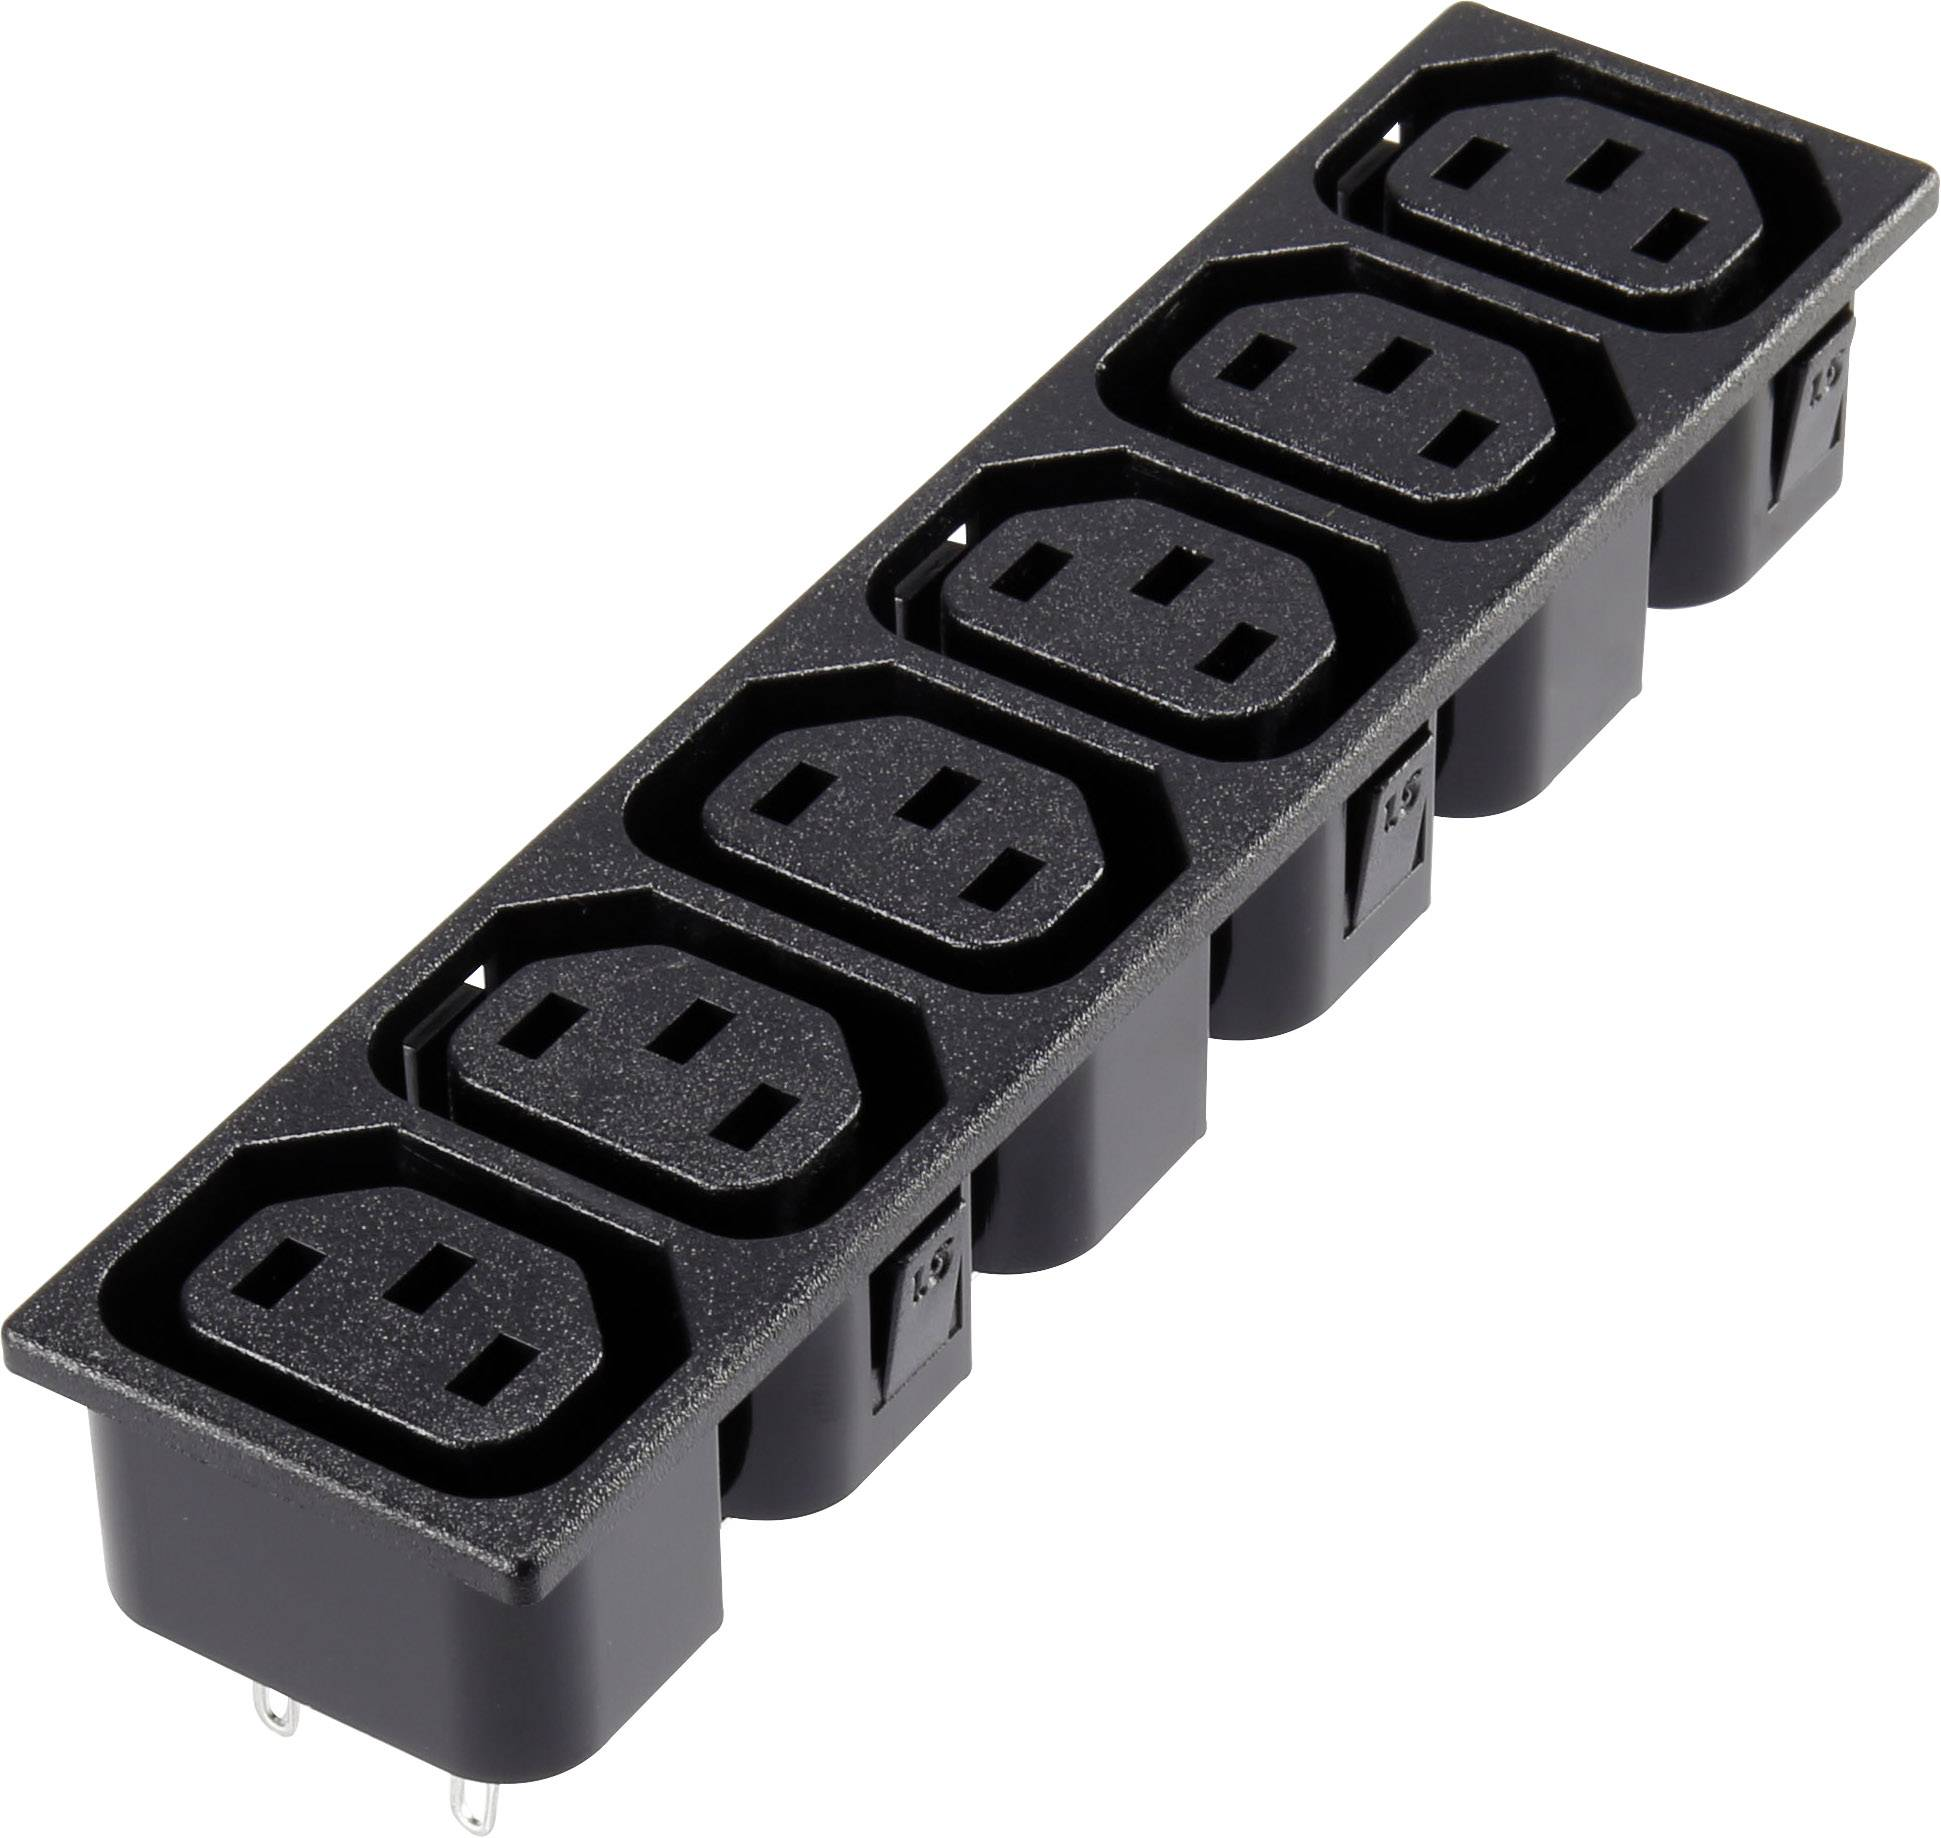 IEC zástrčka C13/C14 C13, zásuvka, vestavná vertikální, počet kontaktů: 2 + PE, 10 A, 250 V, černá, 1 ks